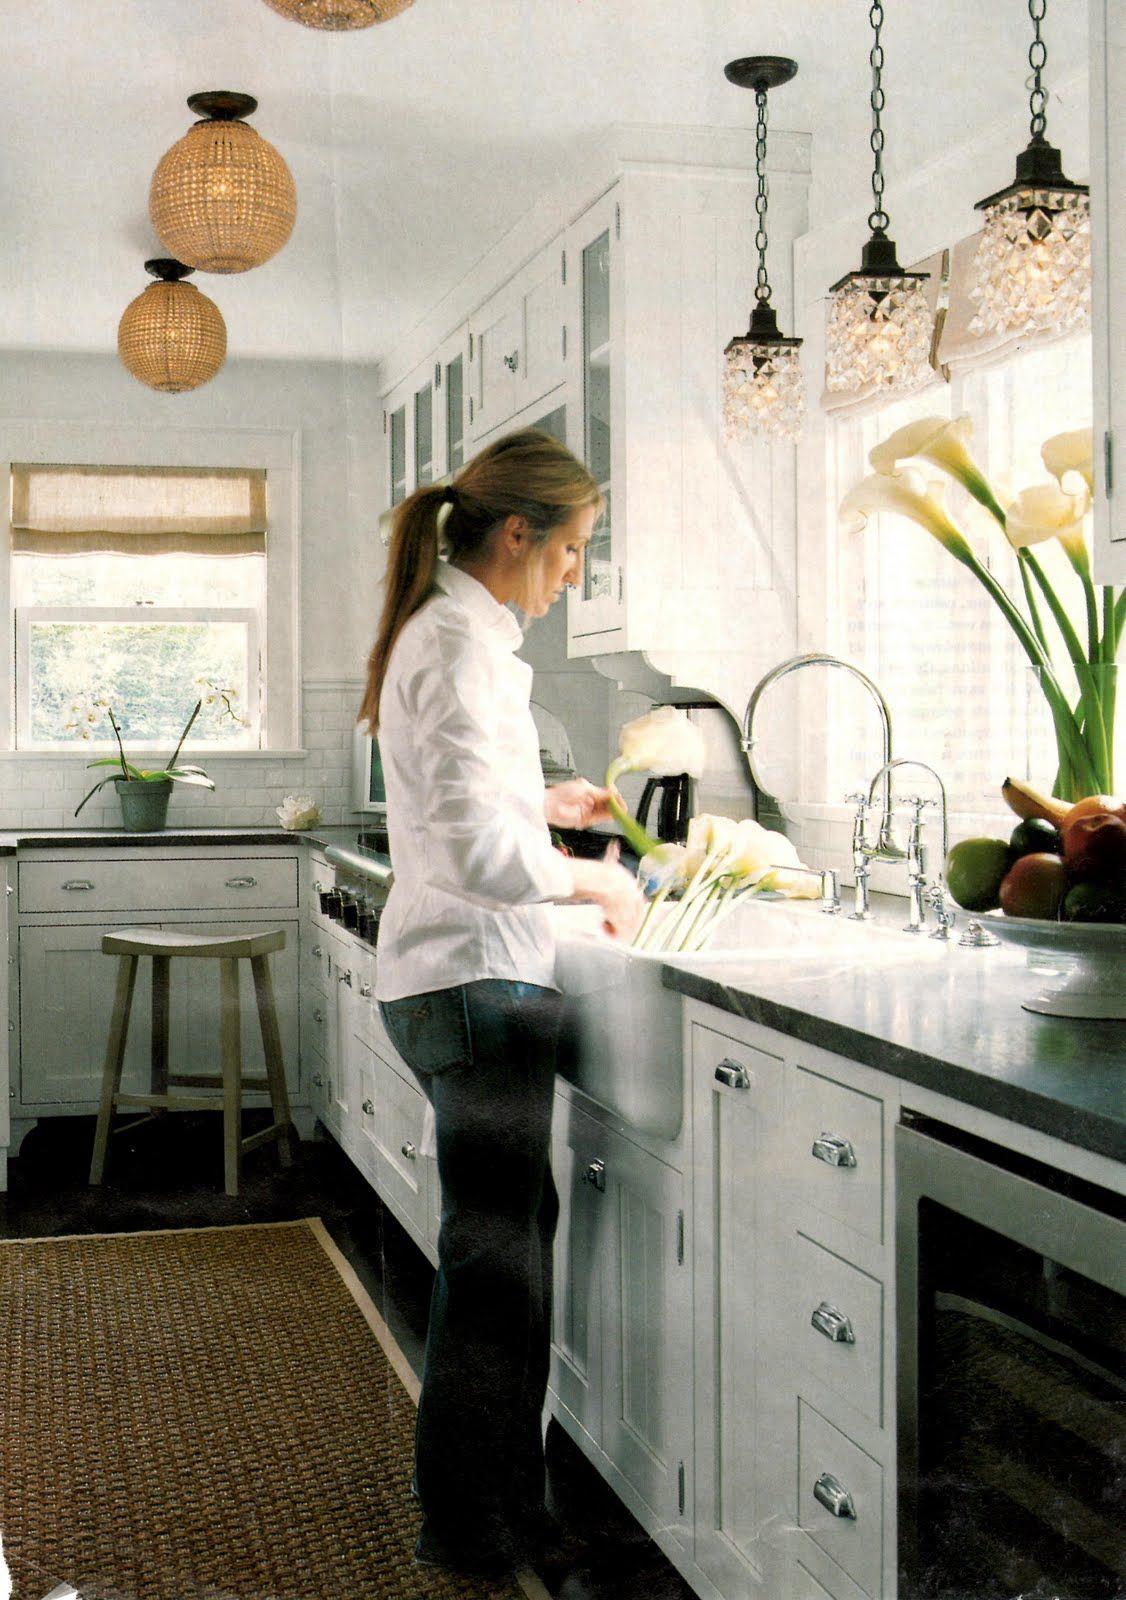 Lighting Over Kitchen Sink With Breathtaking Idea Mini Pendant